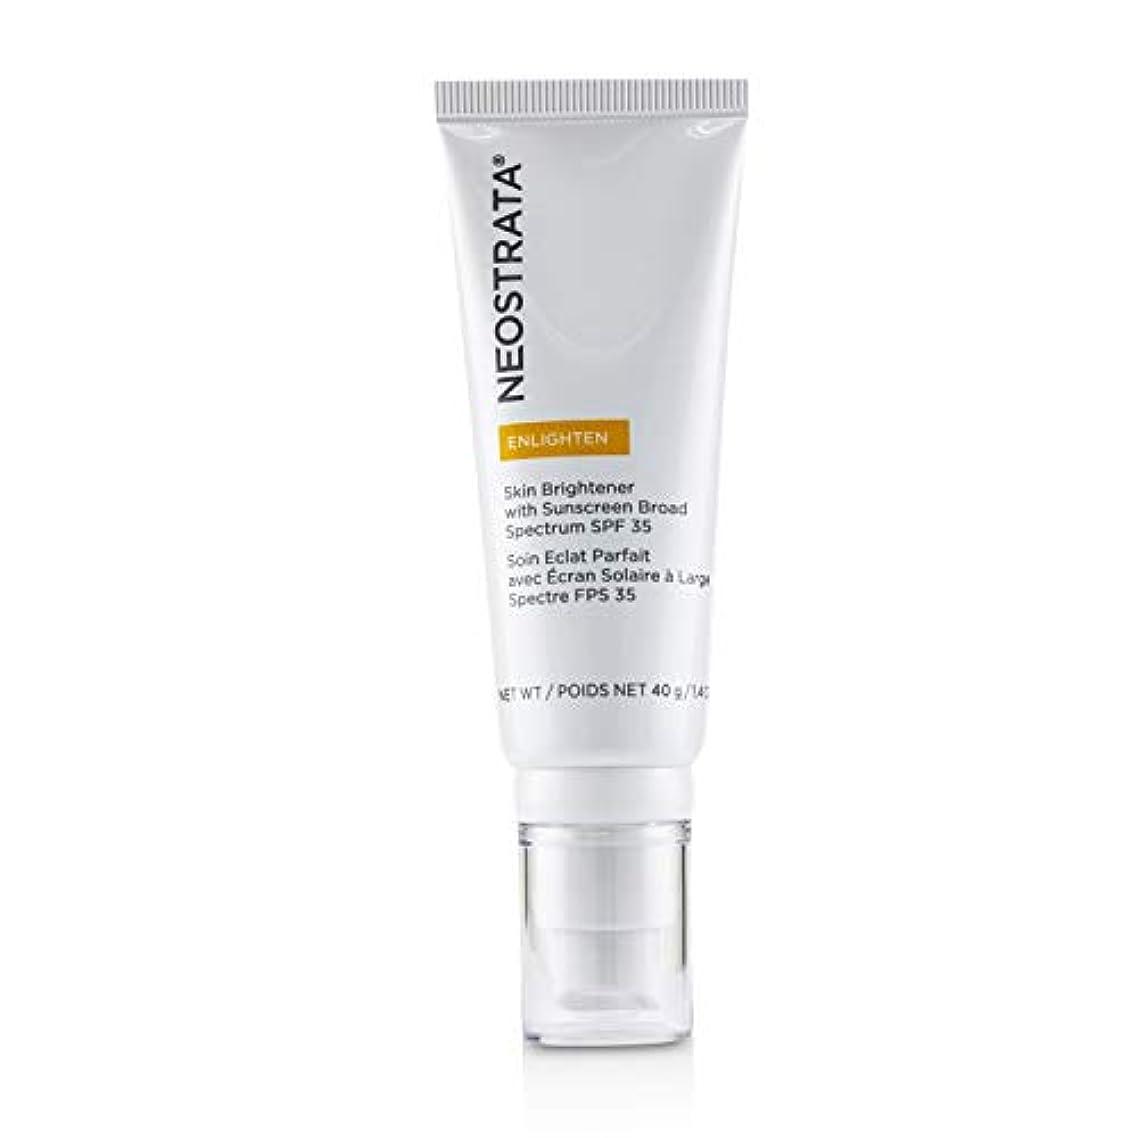 ネオストラータ Enlighten - Skin Brightener SPF 35 40g/1.4oz並行輸入品